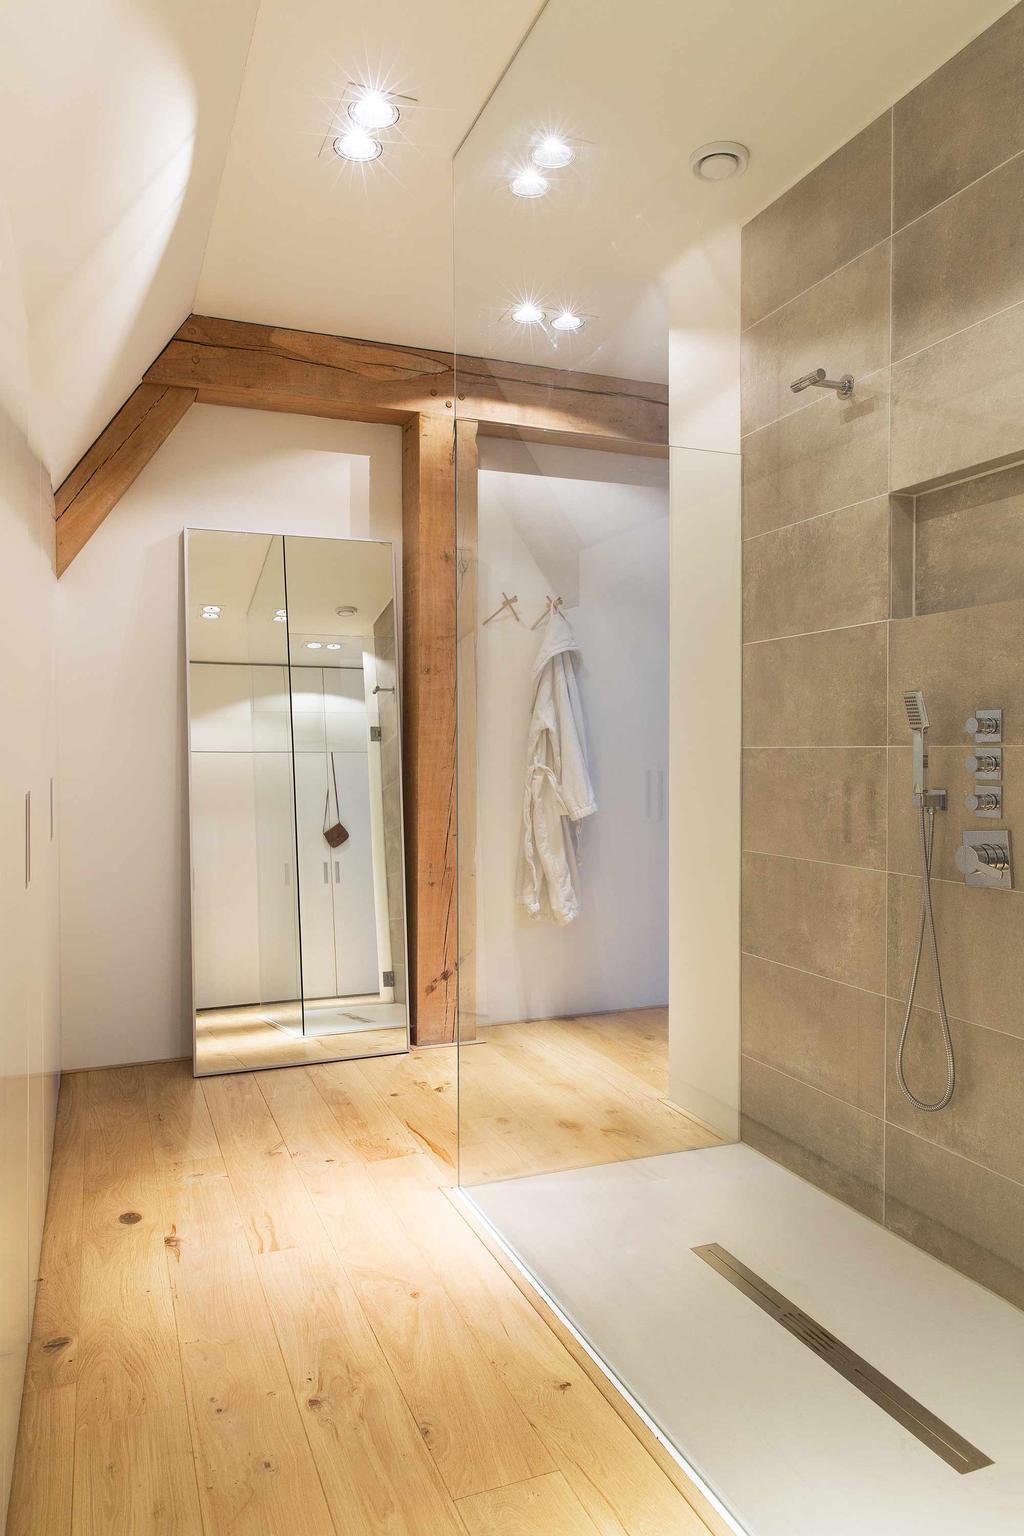 Grote inloop douche met houten balken plafond